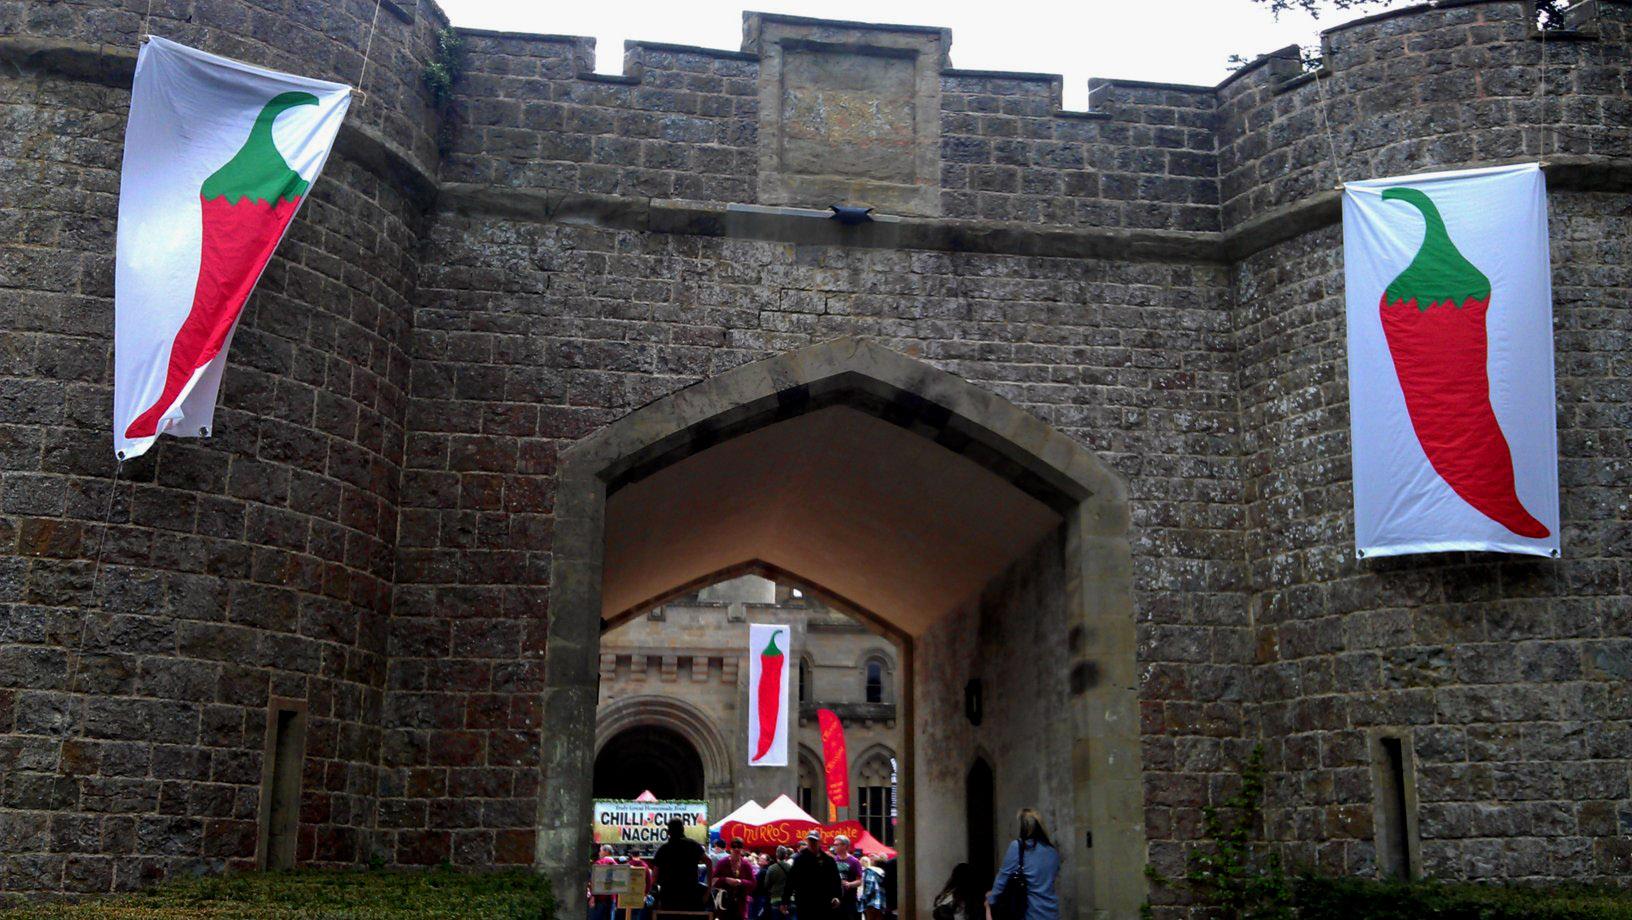 Cinco de Mayo – Chilli Festival in Eastnor Castle ...